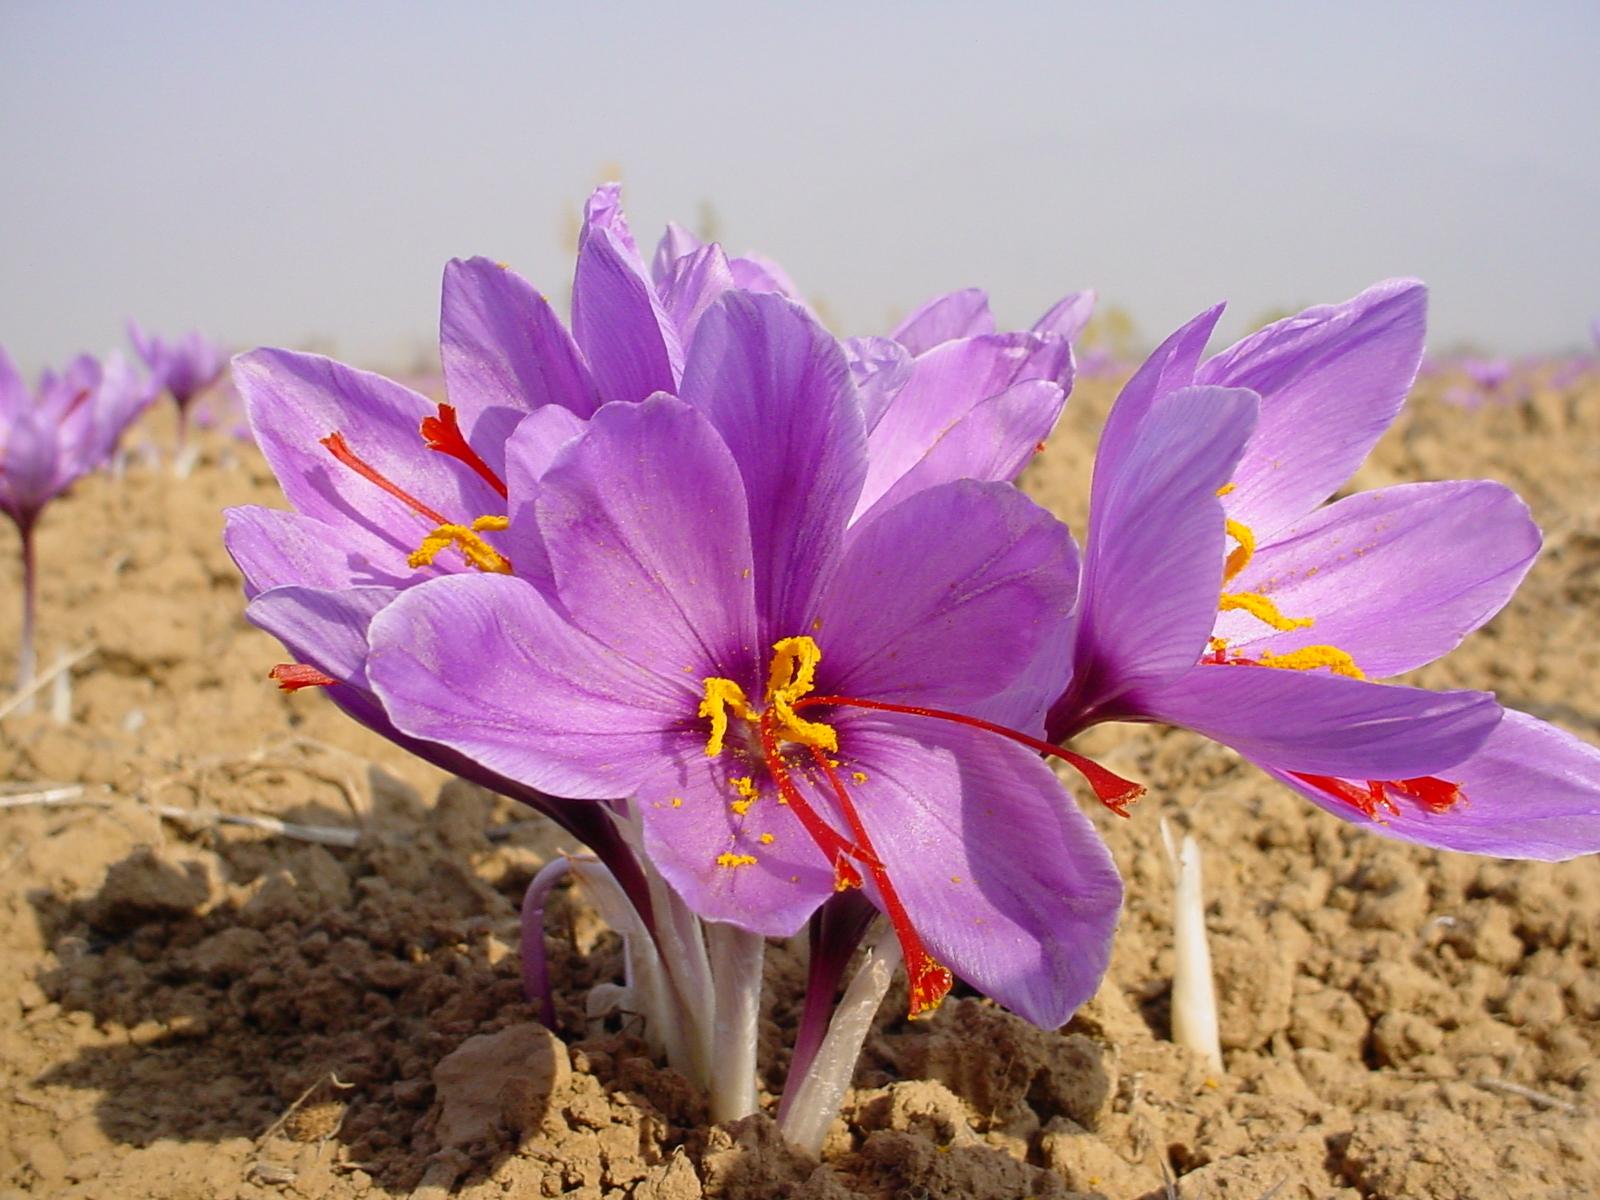 یافته پژوهشی محققان ایرانی؛ زعفران داروی گیاهی امیدبخش برای درمان اختلال بیش فعالی